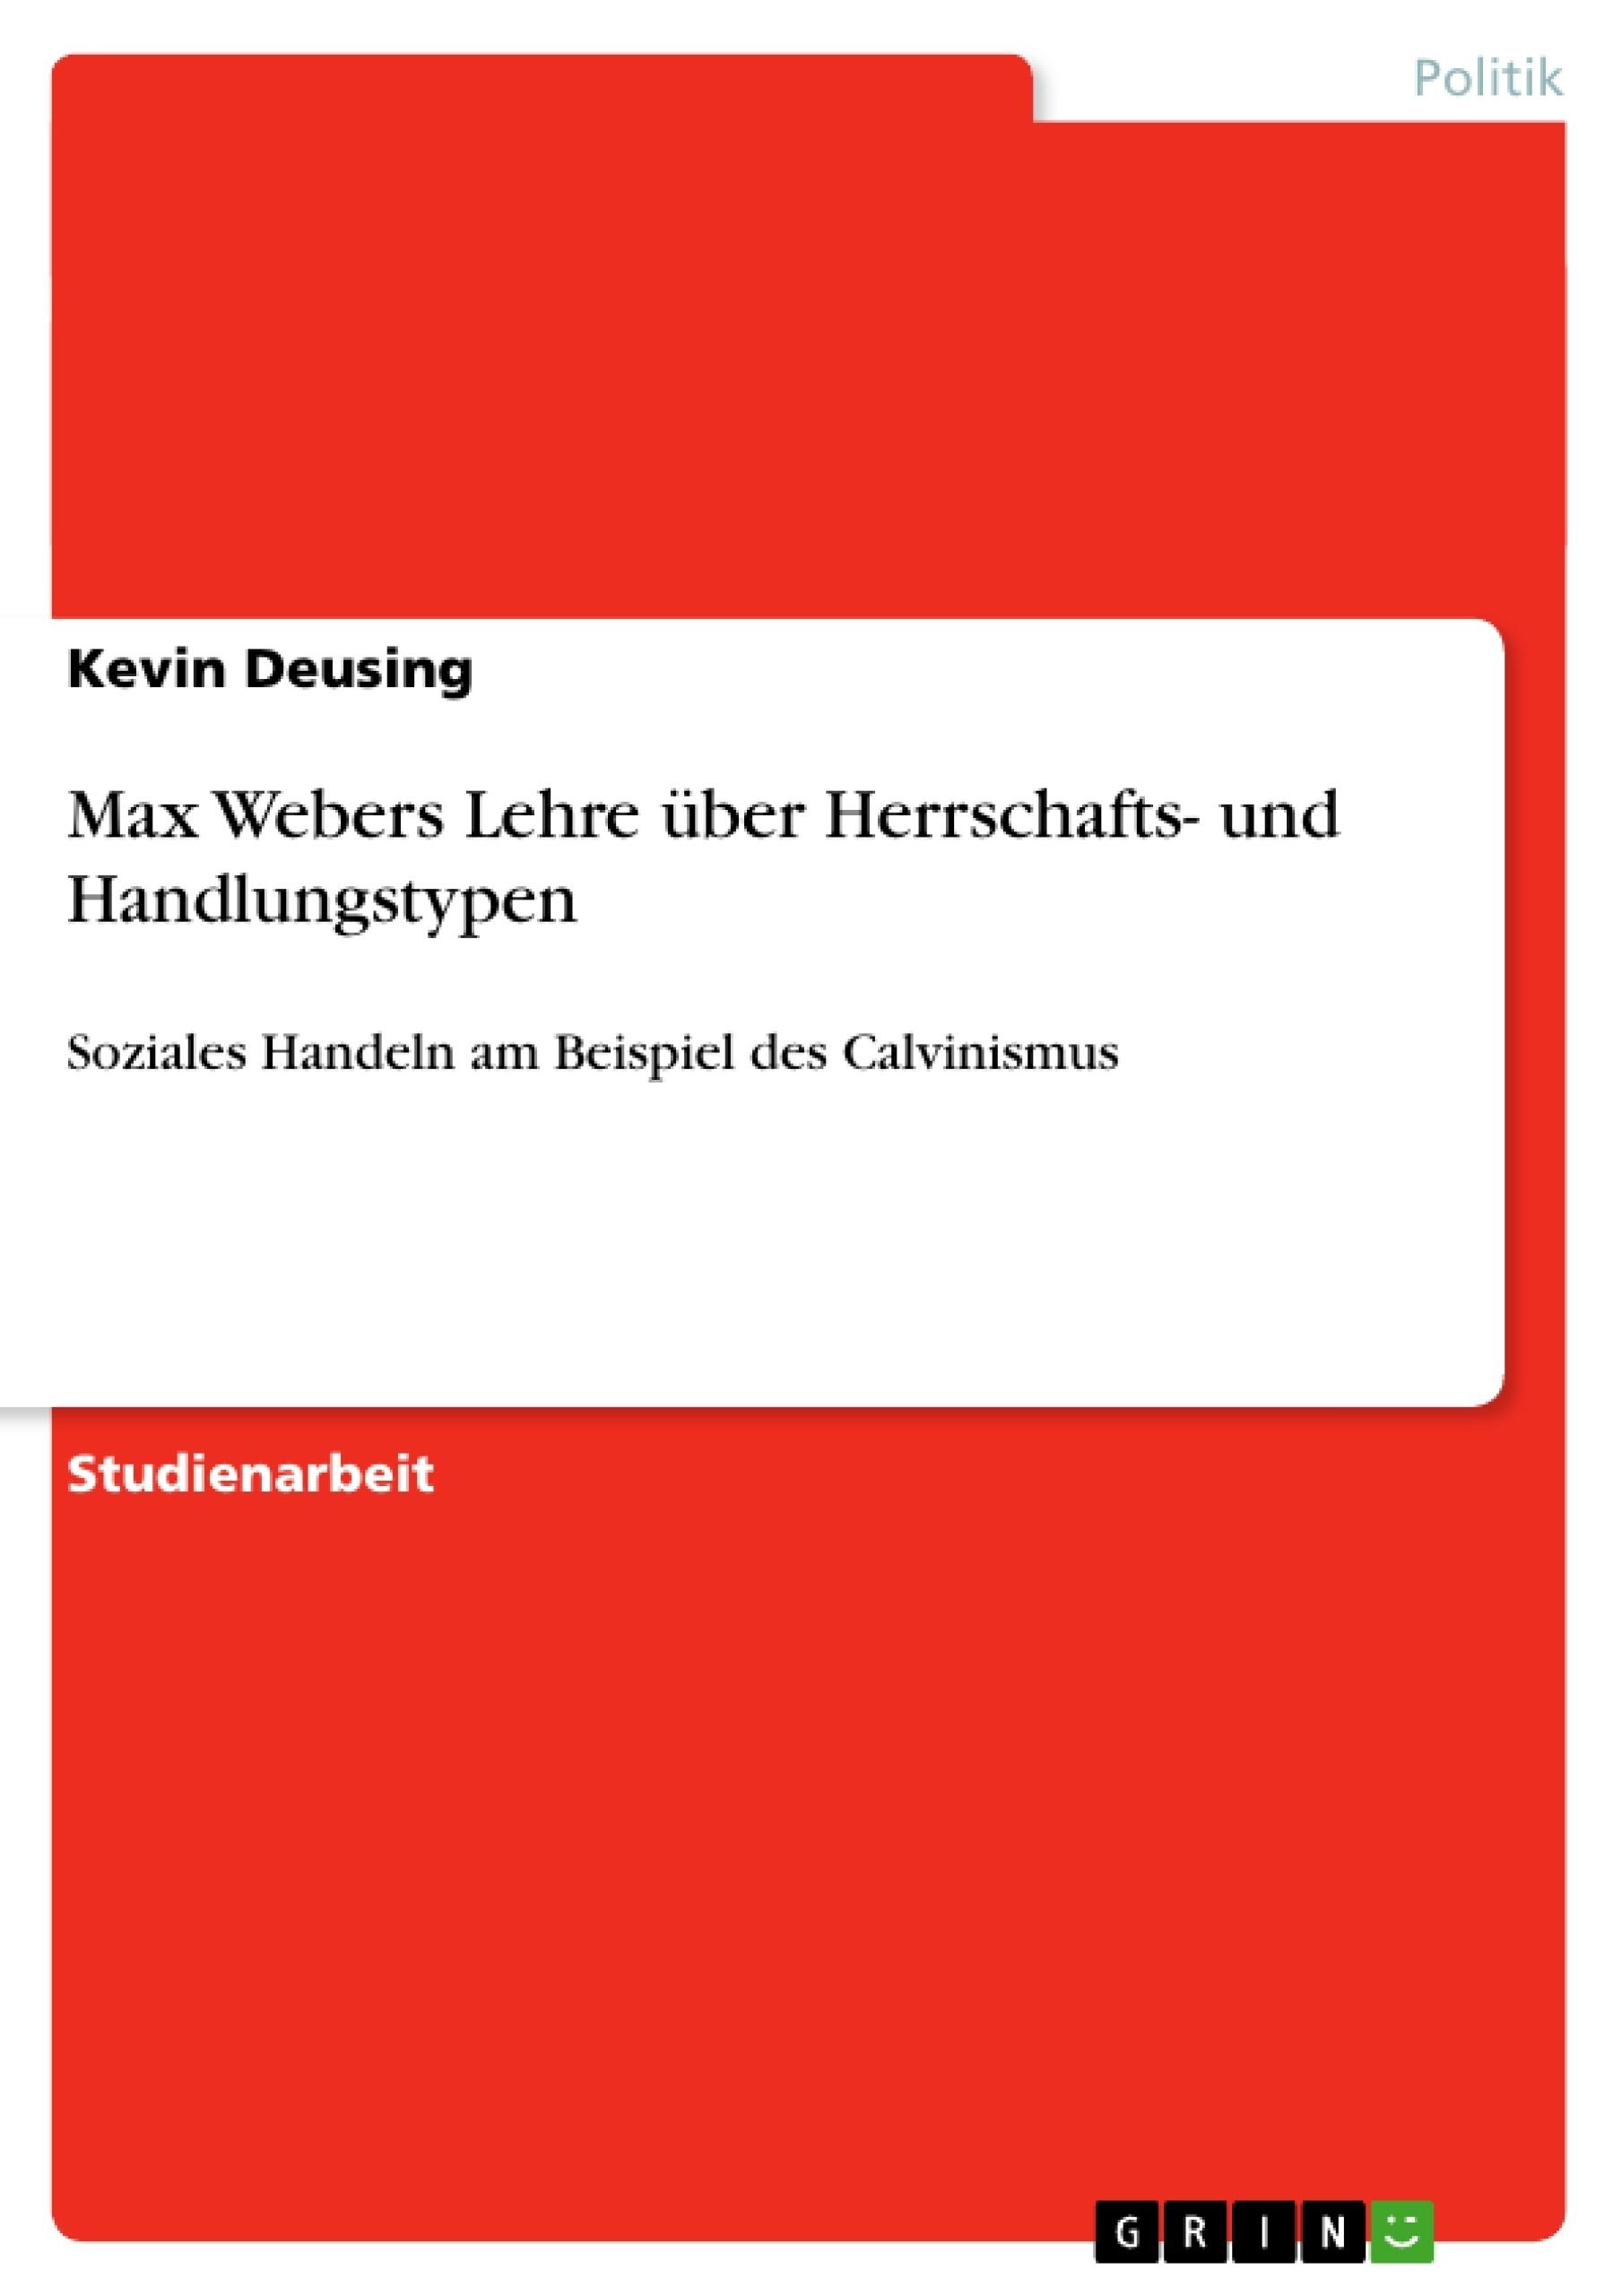 Titel: Max Webers Lehre über Herrschafts- und Handlungstypen